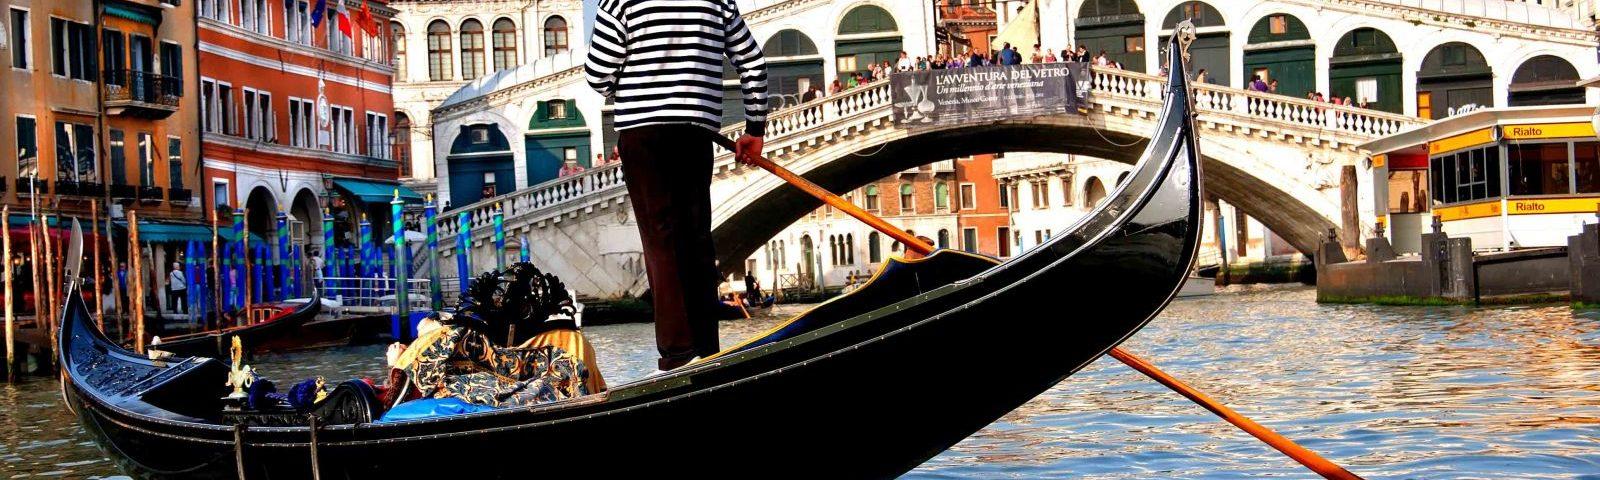 Незабываемое путешествие в Венецию